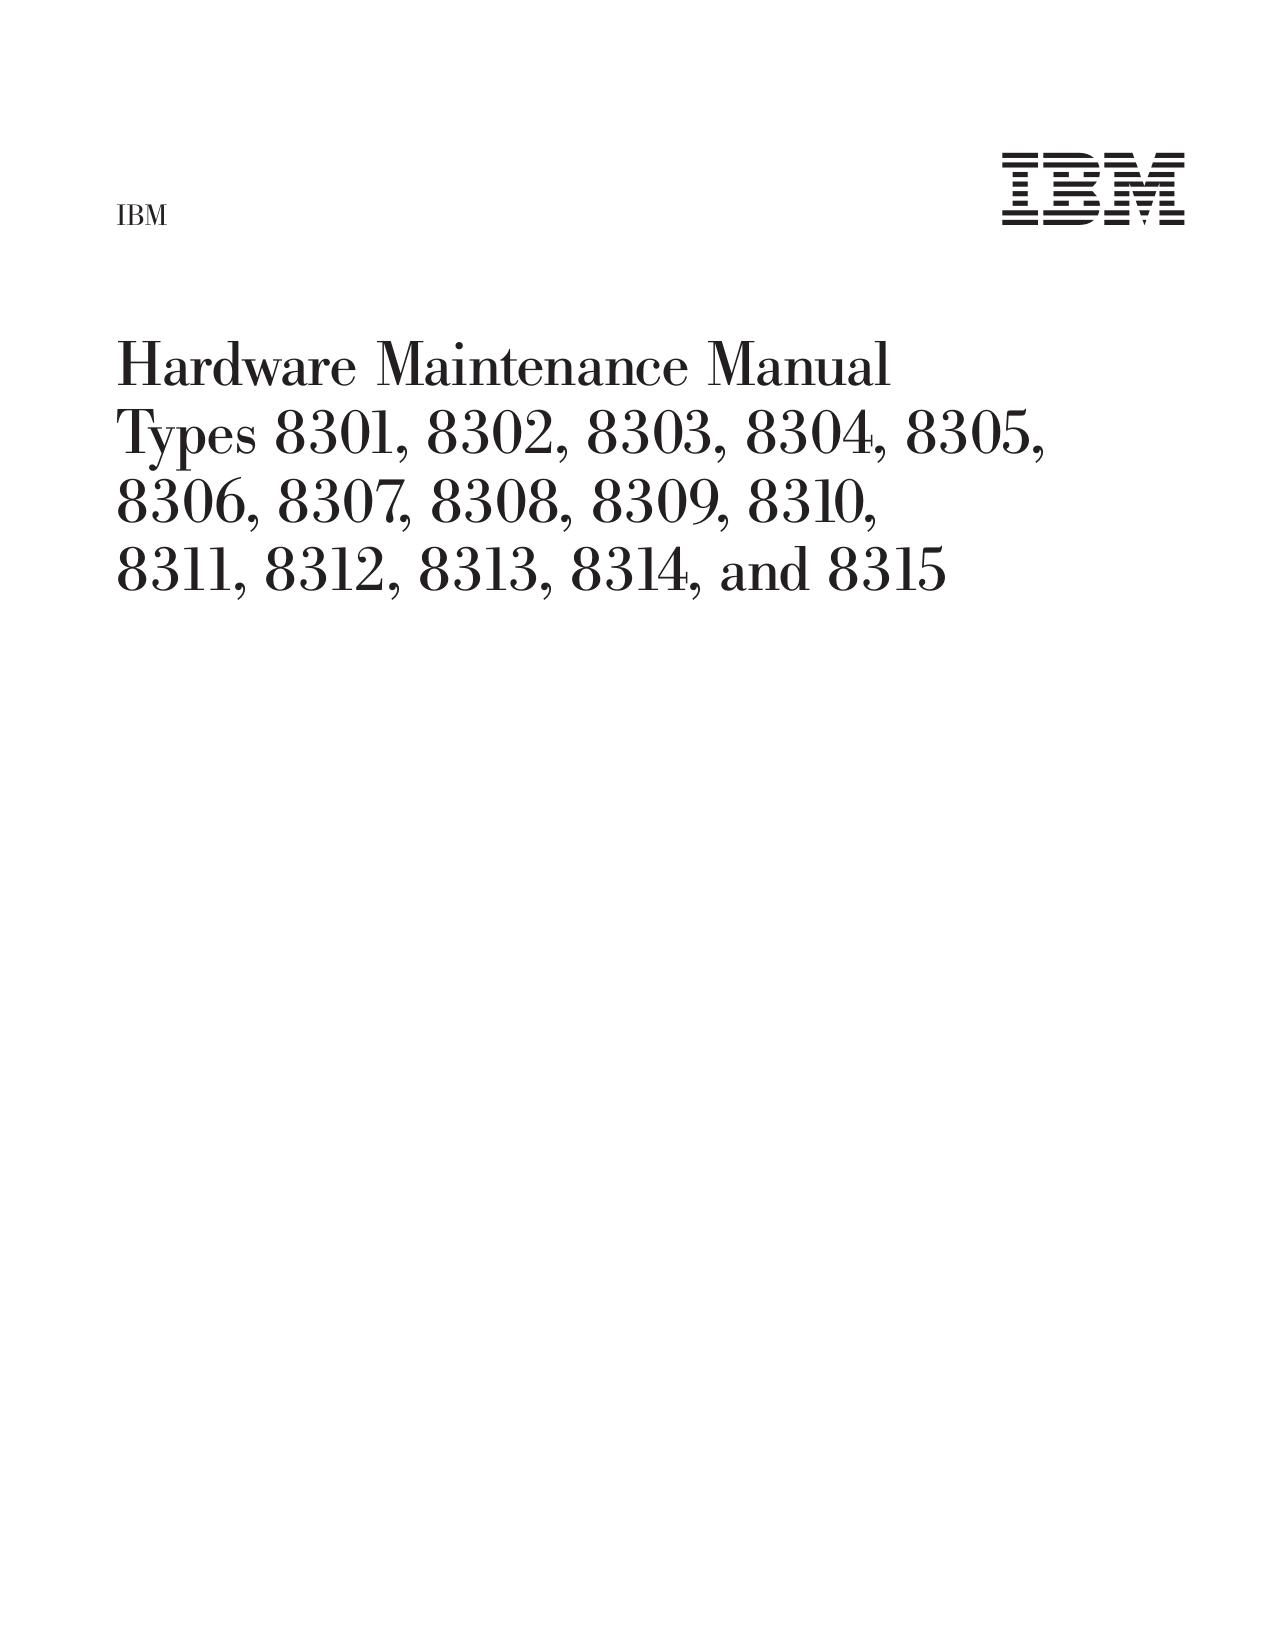 pdf for IBM Laptop ThinkPad i Series 1800 manual